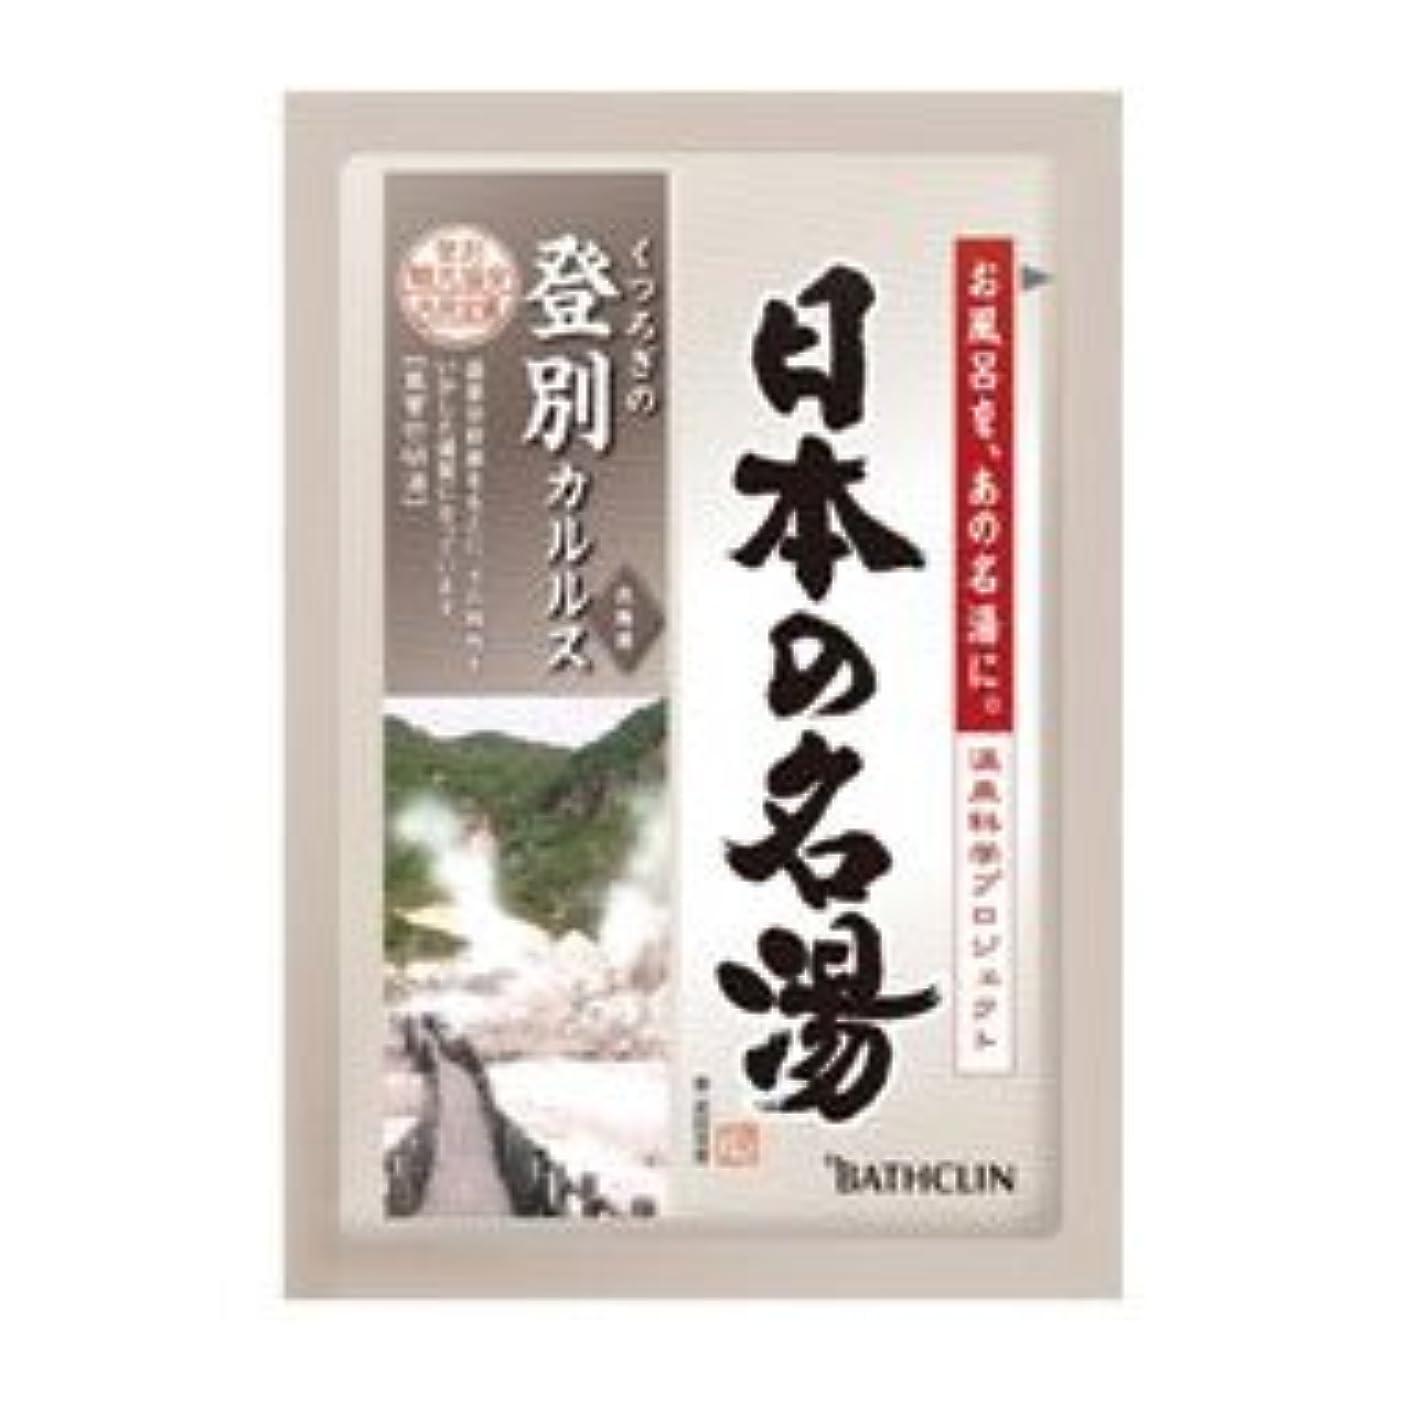 悲しいことに違法とげバスクリン 日本の名湯 登別カルルス 1包 医薬部外品 入浴剤×120点セット (4548514134980)